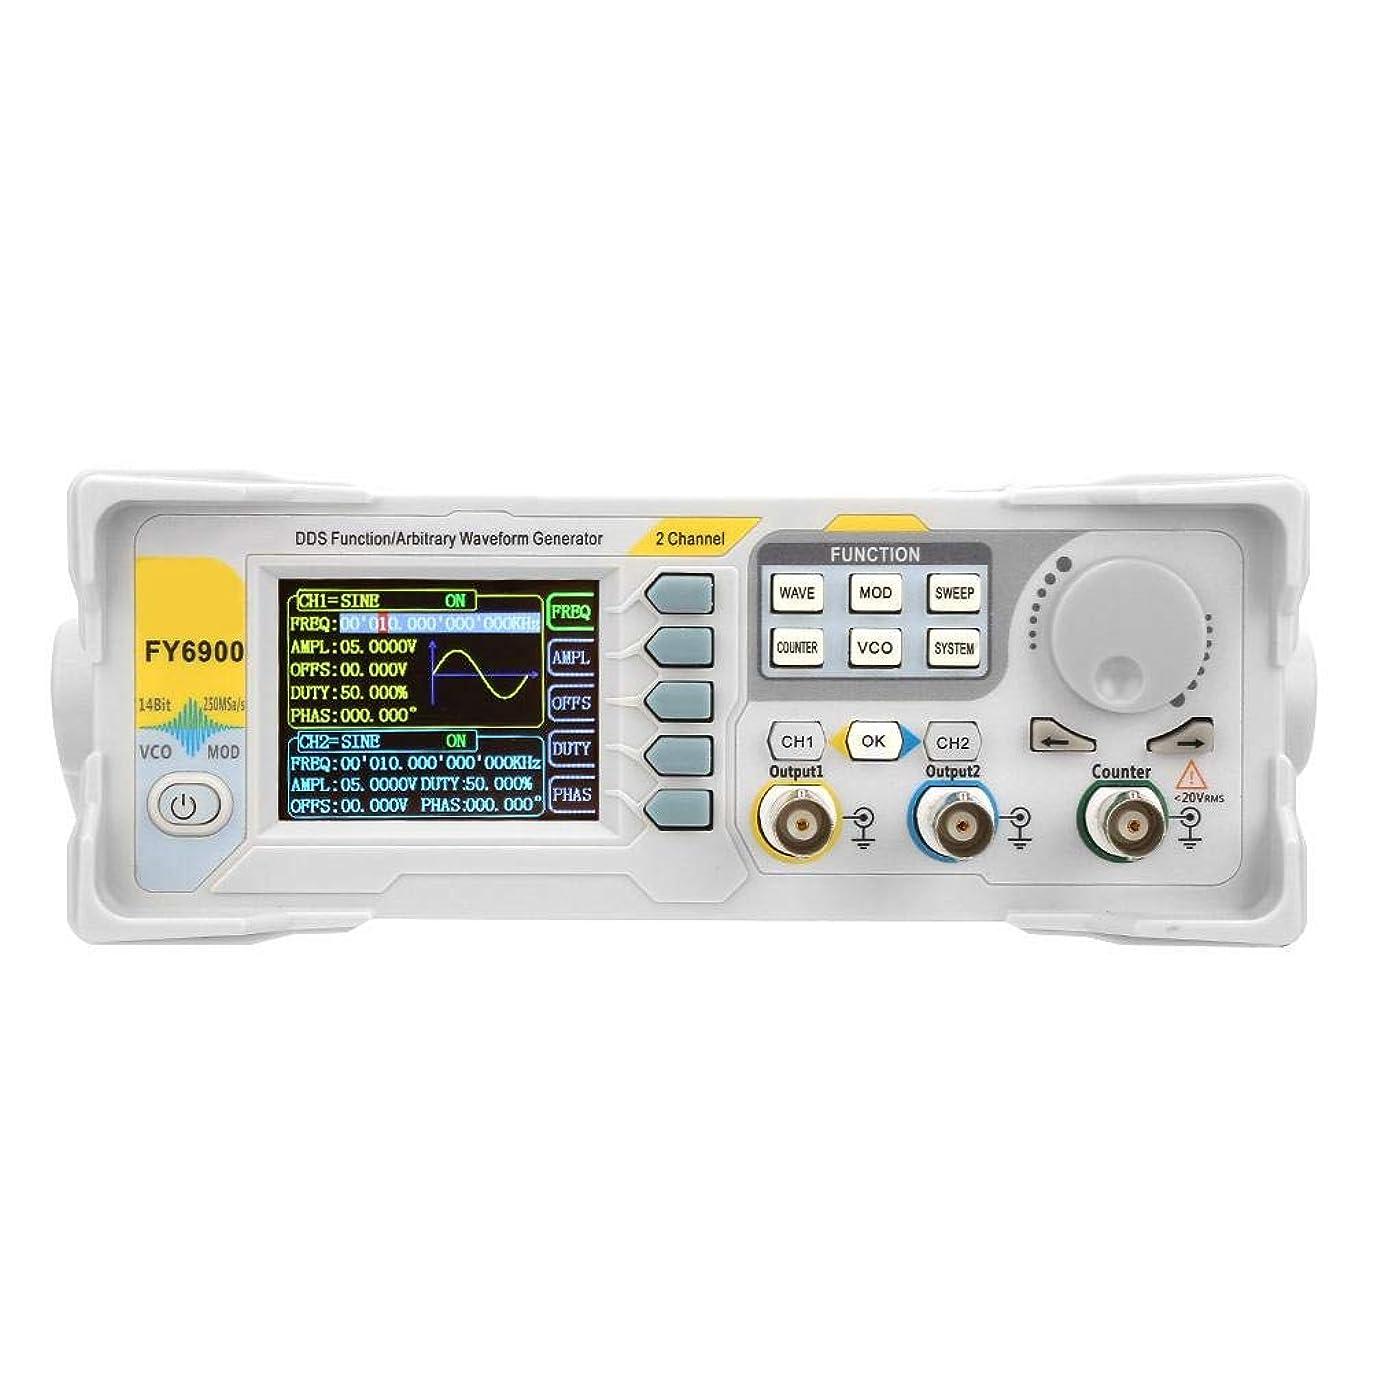 狼独占のためにシグナルジェネレータカウンタ、FY6900-60M 60MHz多機能デジタルシグナルジェネレータカウンタ周波数計(US Plug)